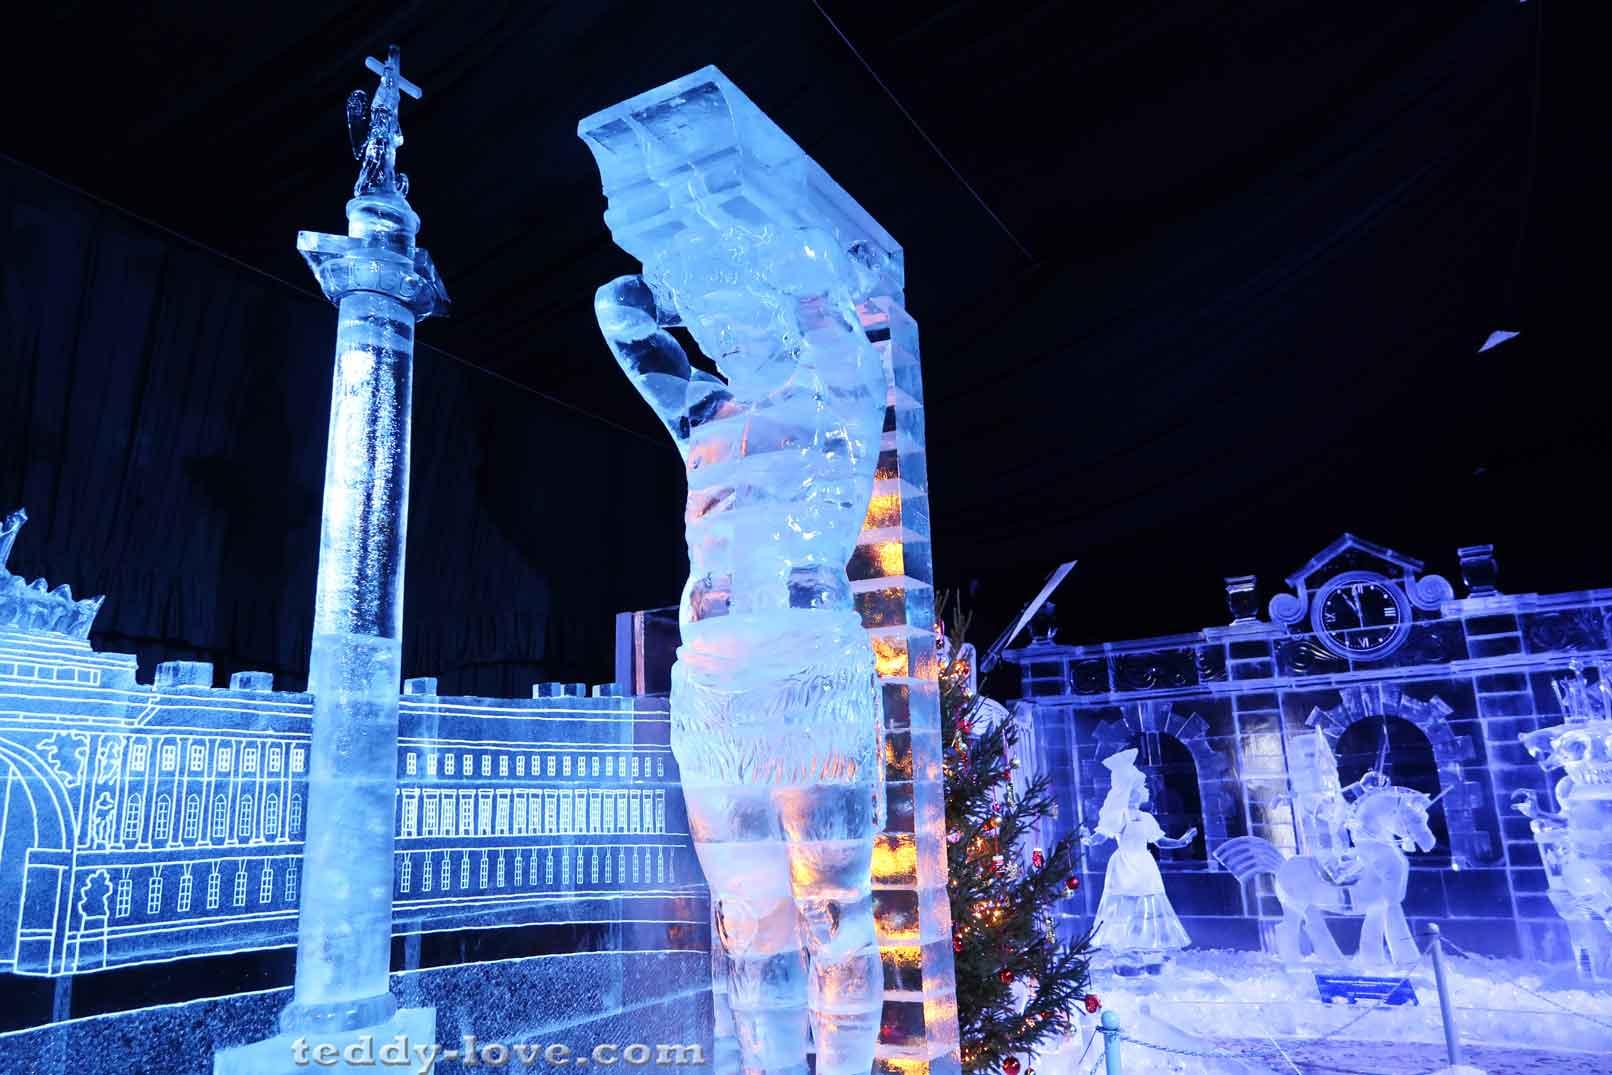 f627214b0 Ледовый Фестиваль в СПБ — Фестиваль Ледовых Скульптур в ...